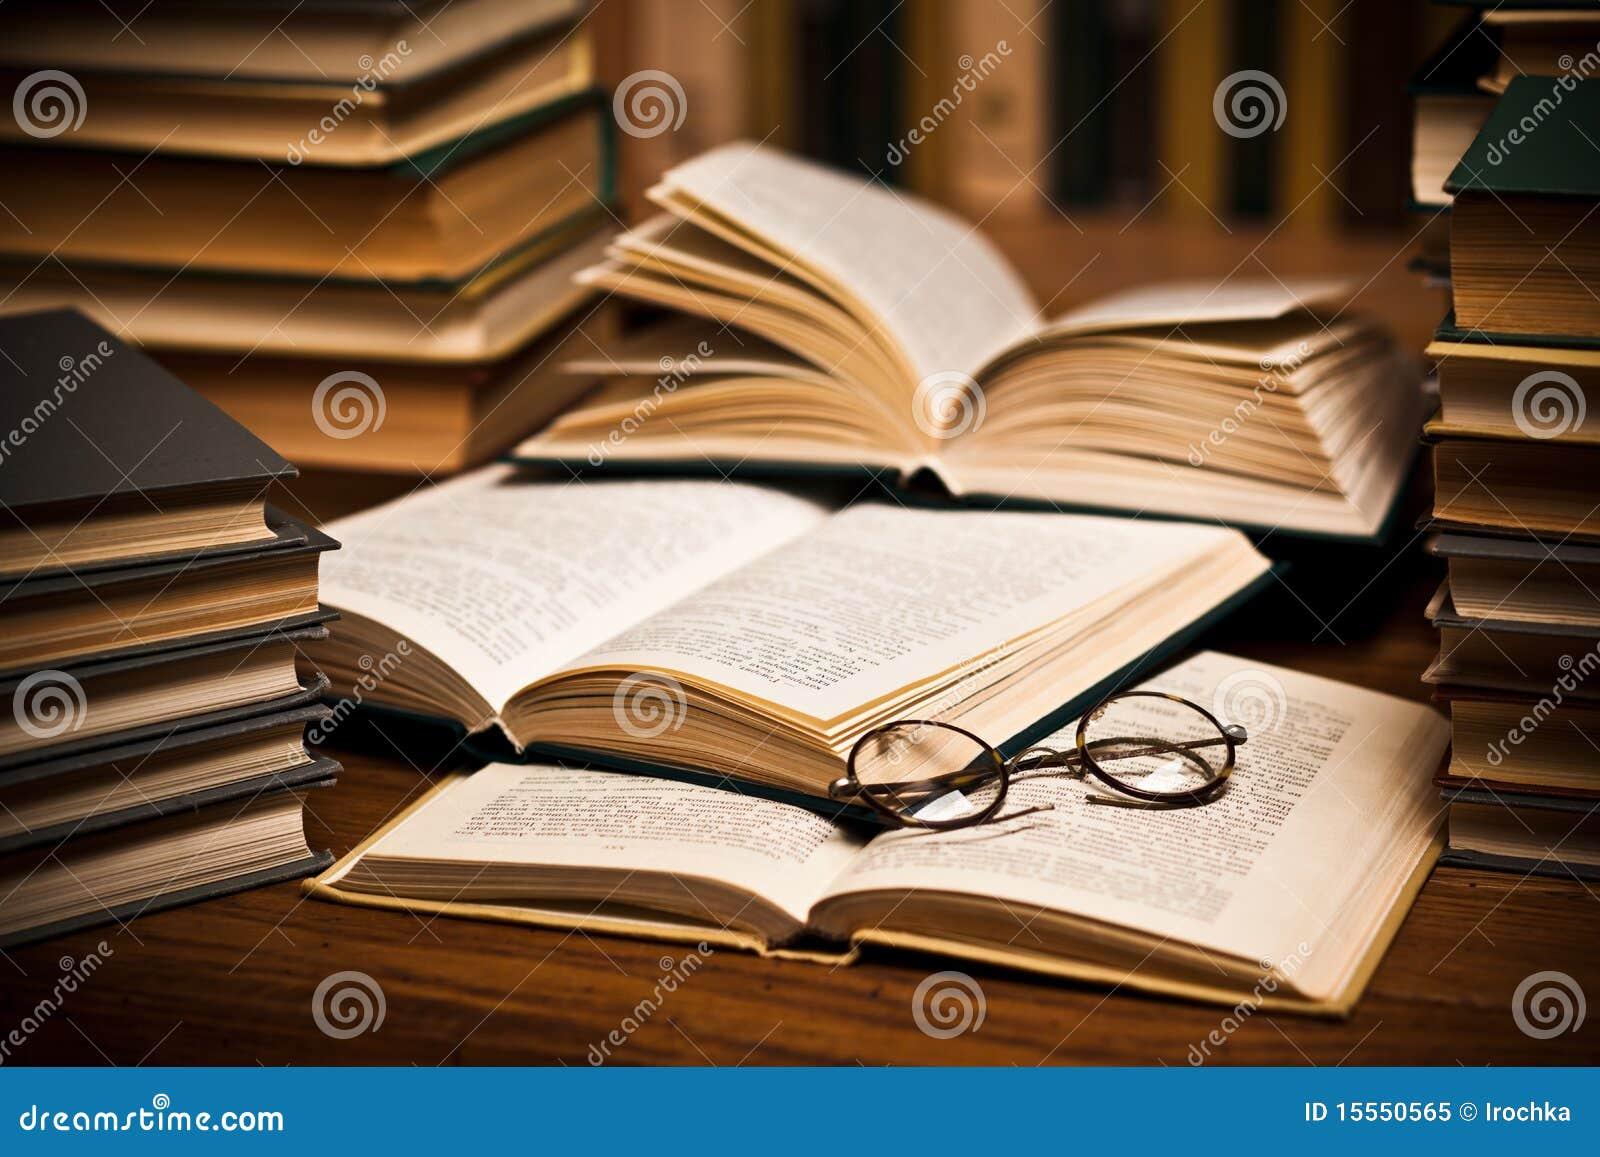 Occhiali sui libri aperti